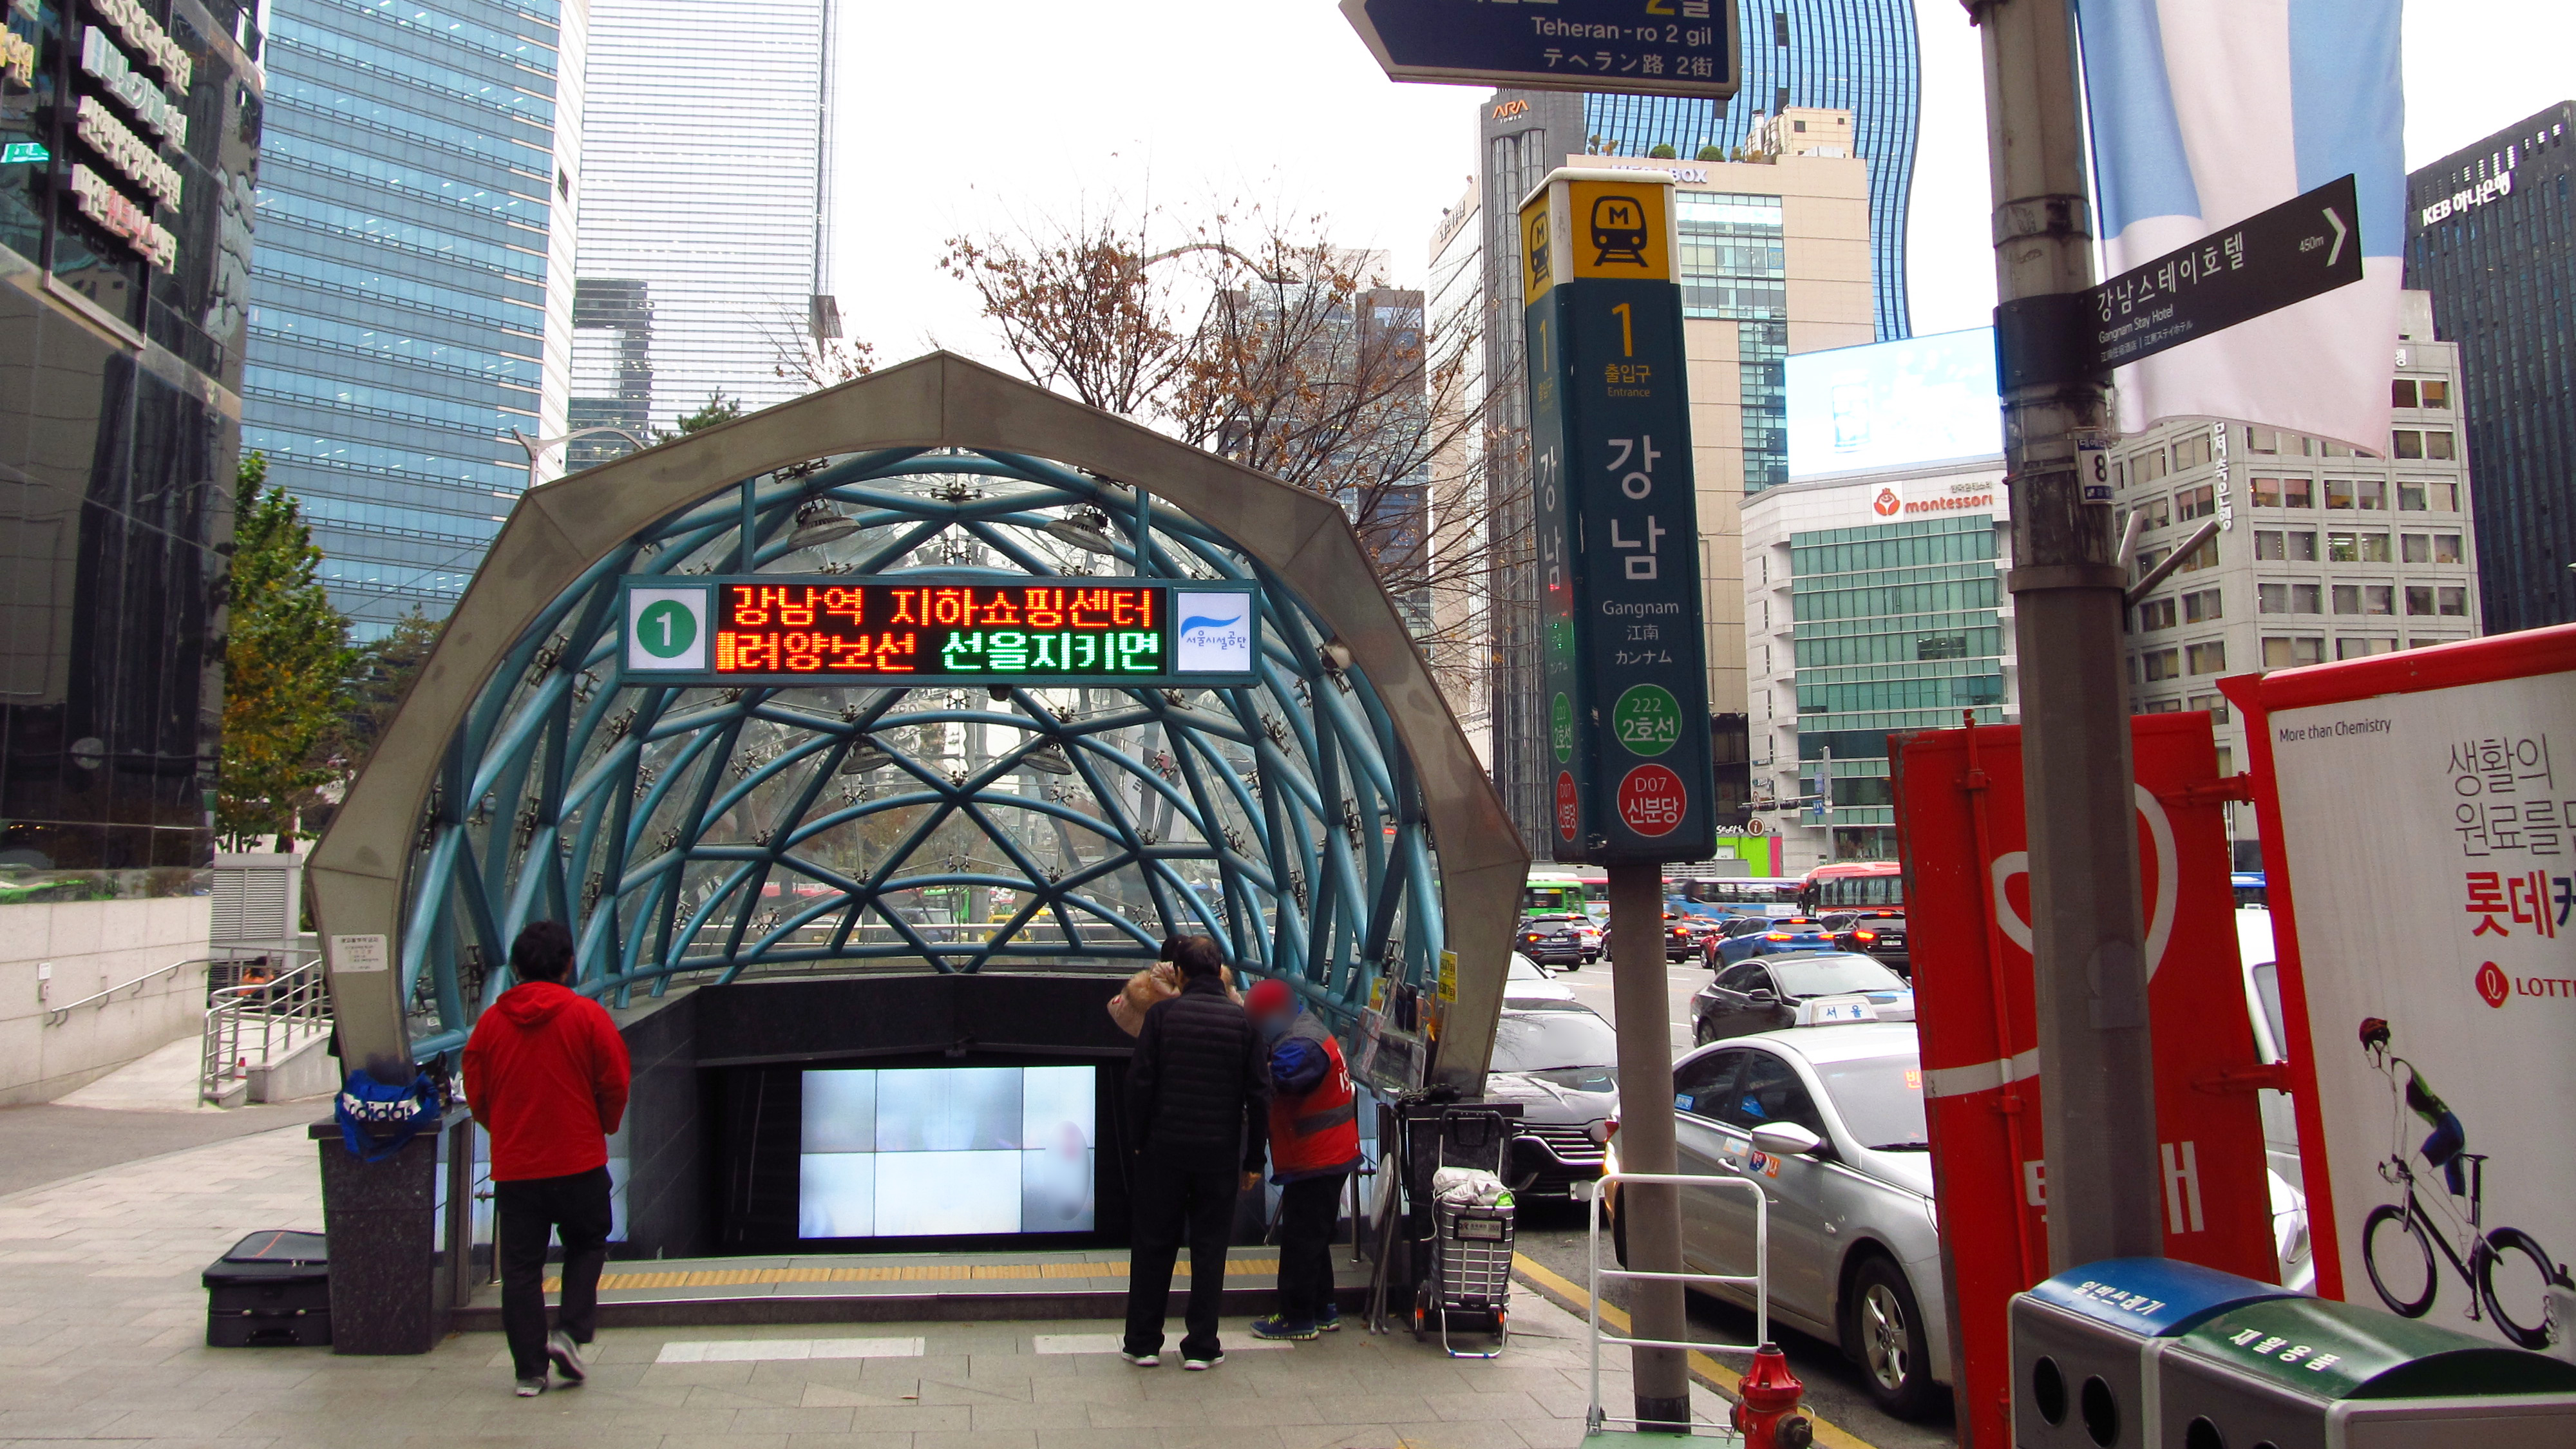 Gangnam-station-entrance-01-20181121-144624.jpg